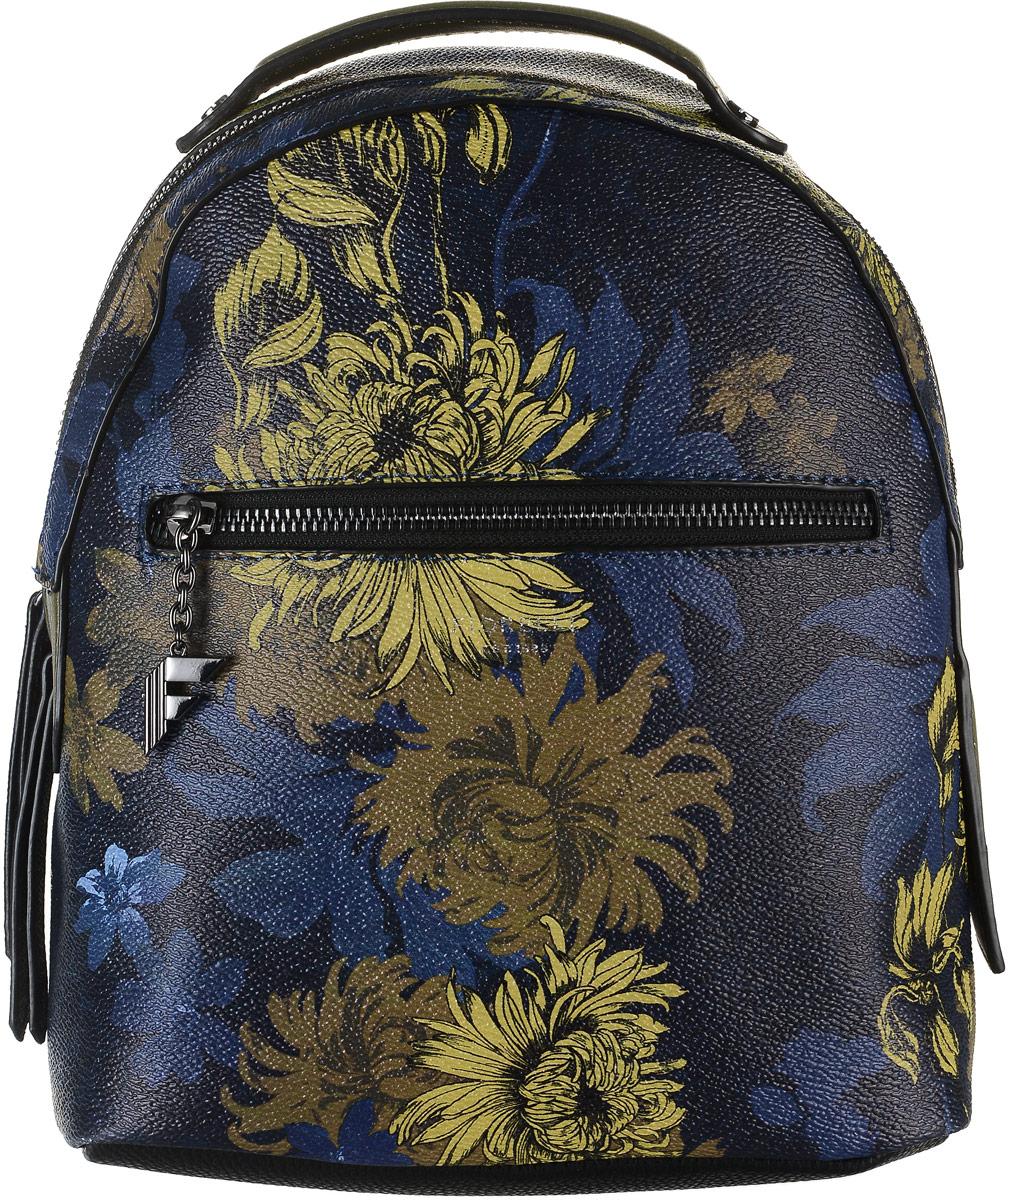 Рюкзак женский Fiorelli, цвет: синий. 8516 FHML597BUL/DСтильный рюкзак Fiorelli выполнен из экокожи с зернистой фактурой и ярким цветочным принтом, оснащен двумя плечевыми регулируемыми ремнями на спинке и удобной ручкой для переноски. Рюкзак закрывается на молнию, внутри имеет одно вместительное отделение, четыре накладных кармана и один вшитый карман на застежке-молнии. На внешней стороне спереди имеется прорезной карман для мелочей на молнии и вертикальный карман на застежке-молнии с тыльной стороны изделия. Рюкзак Fiorelli - это выбор молодой, уверенной, стильной женщины, которая ценит качество и комфорт. Изделие станет изысканным дополнением к вашему образу.